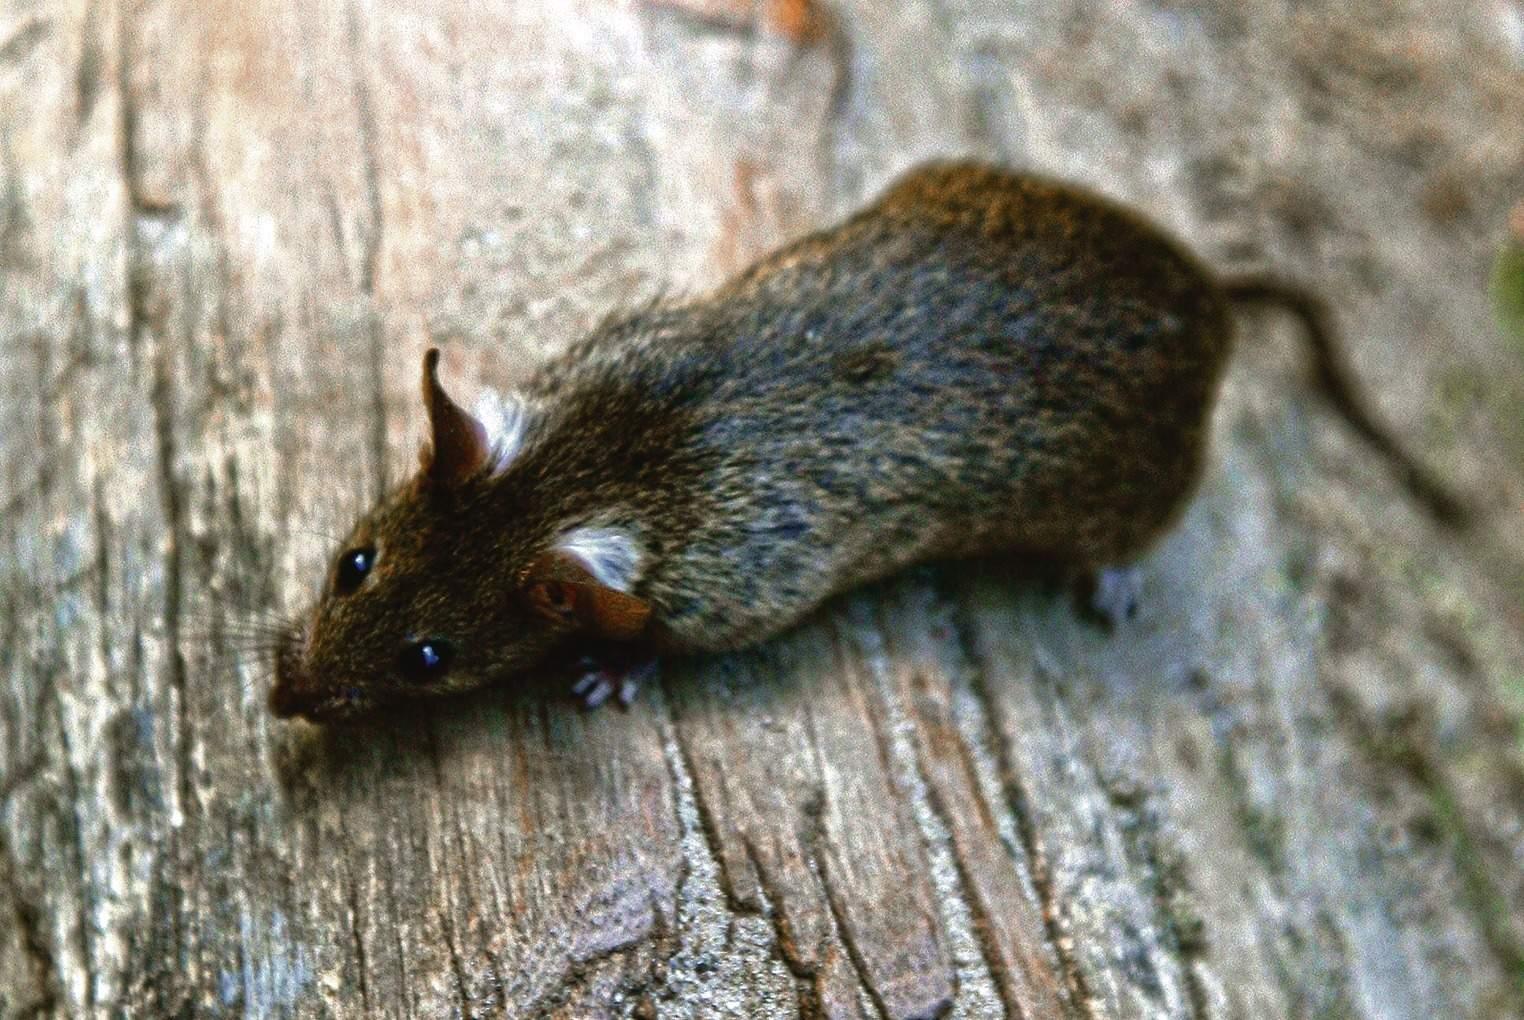 Ratten Im Garten Reizend Heidelberg Die Stadt Hat Kein Rattenproblem Nachrichten